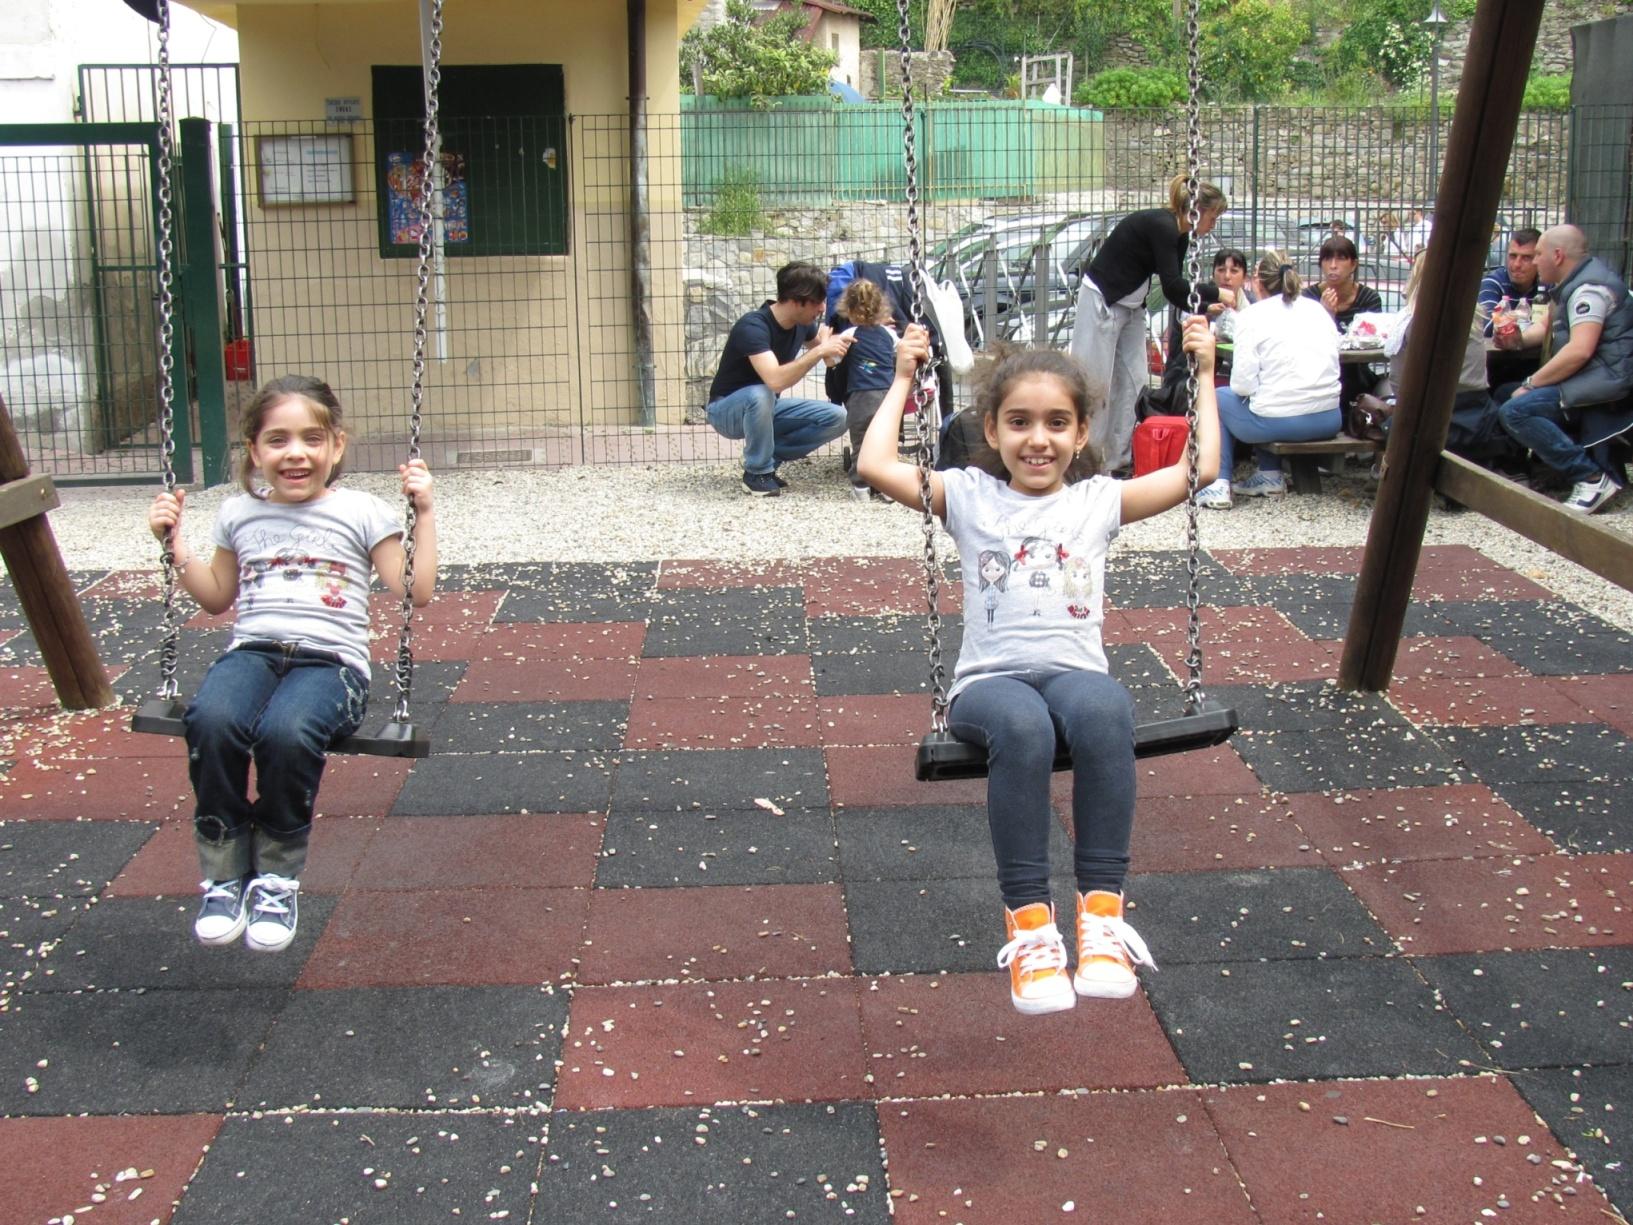 pasquetta_dolceacqua-2011-04-25-13-14-51